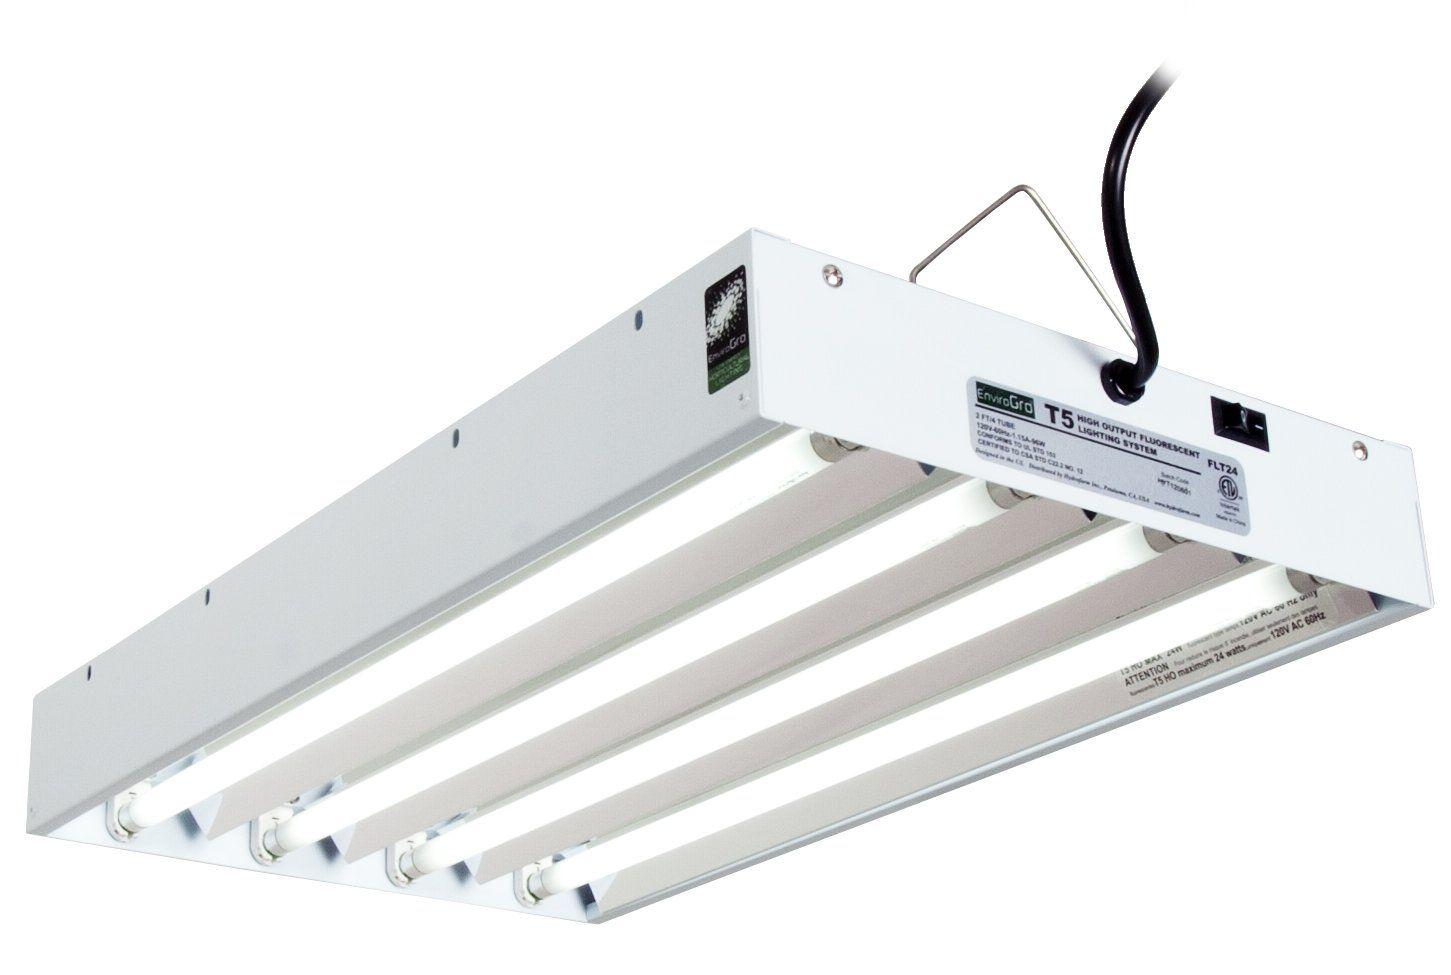 Envirogro Flt24 2 Ft 4 Tube Fixture T5 Bulbs Included Best